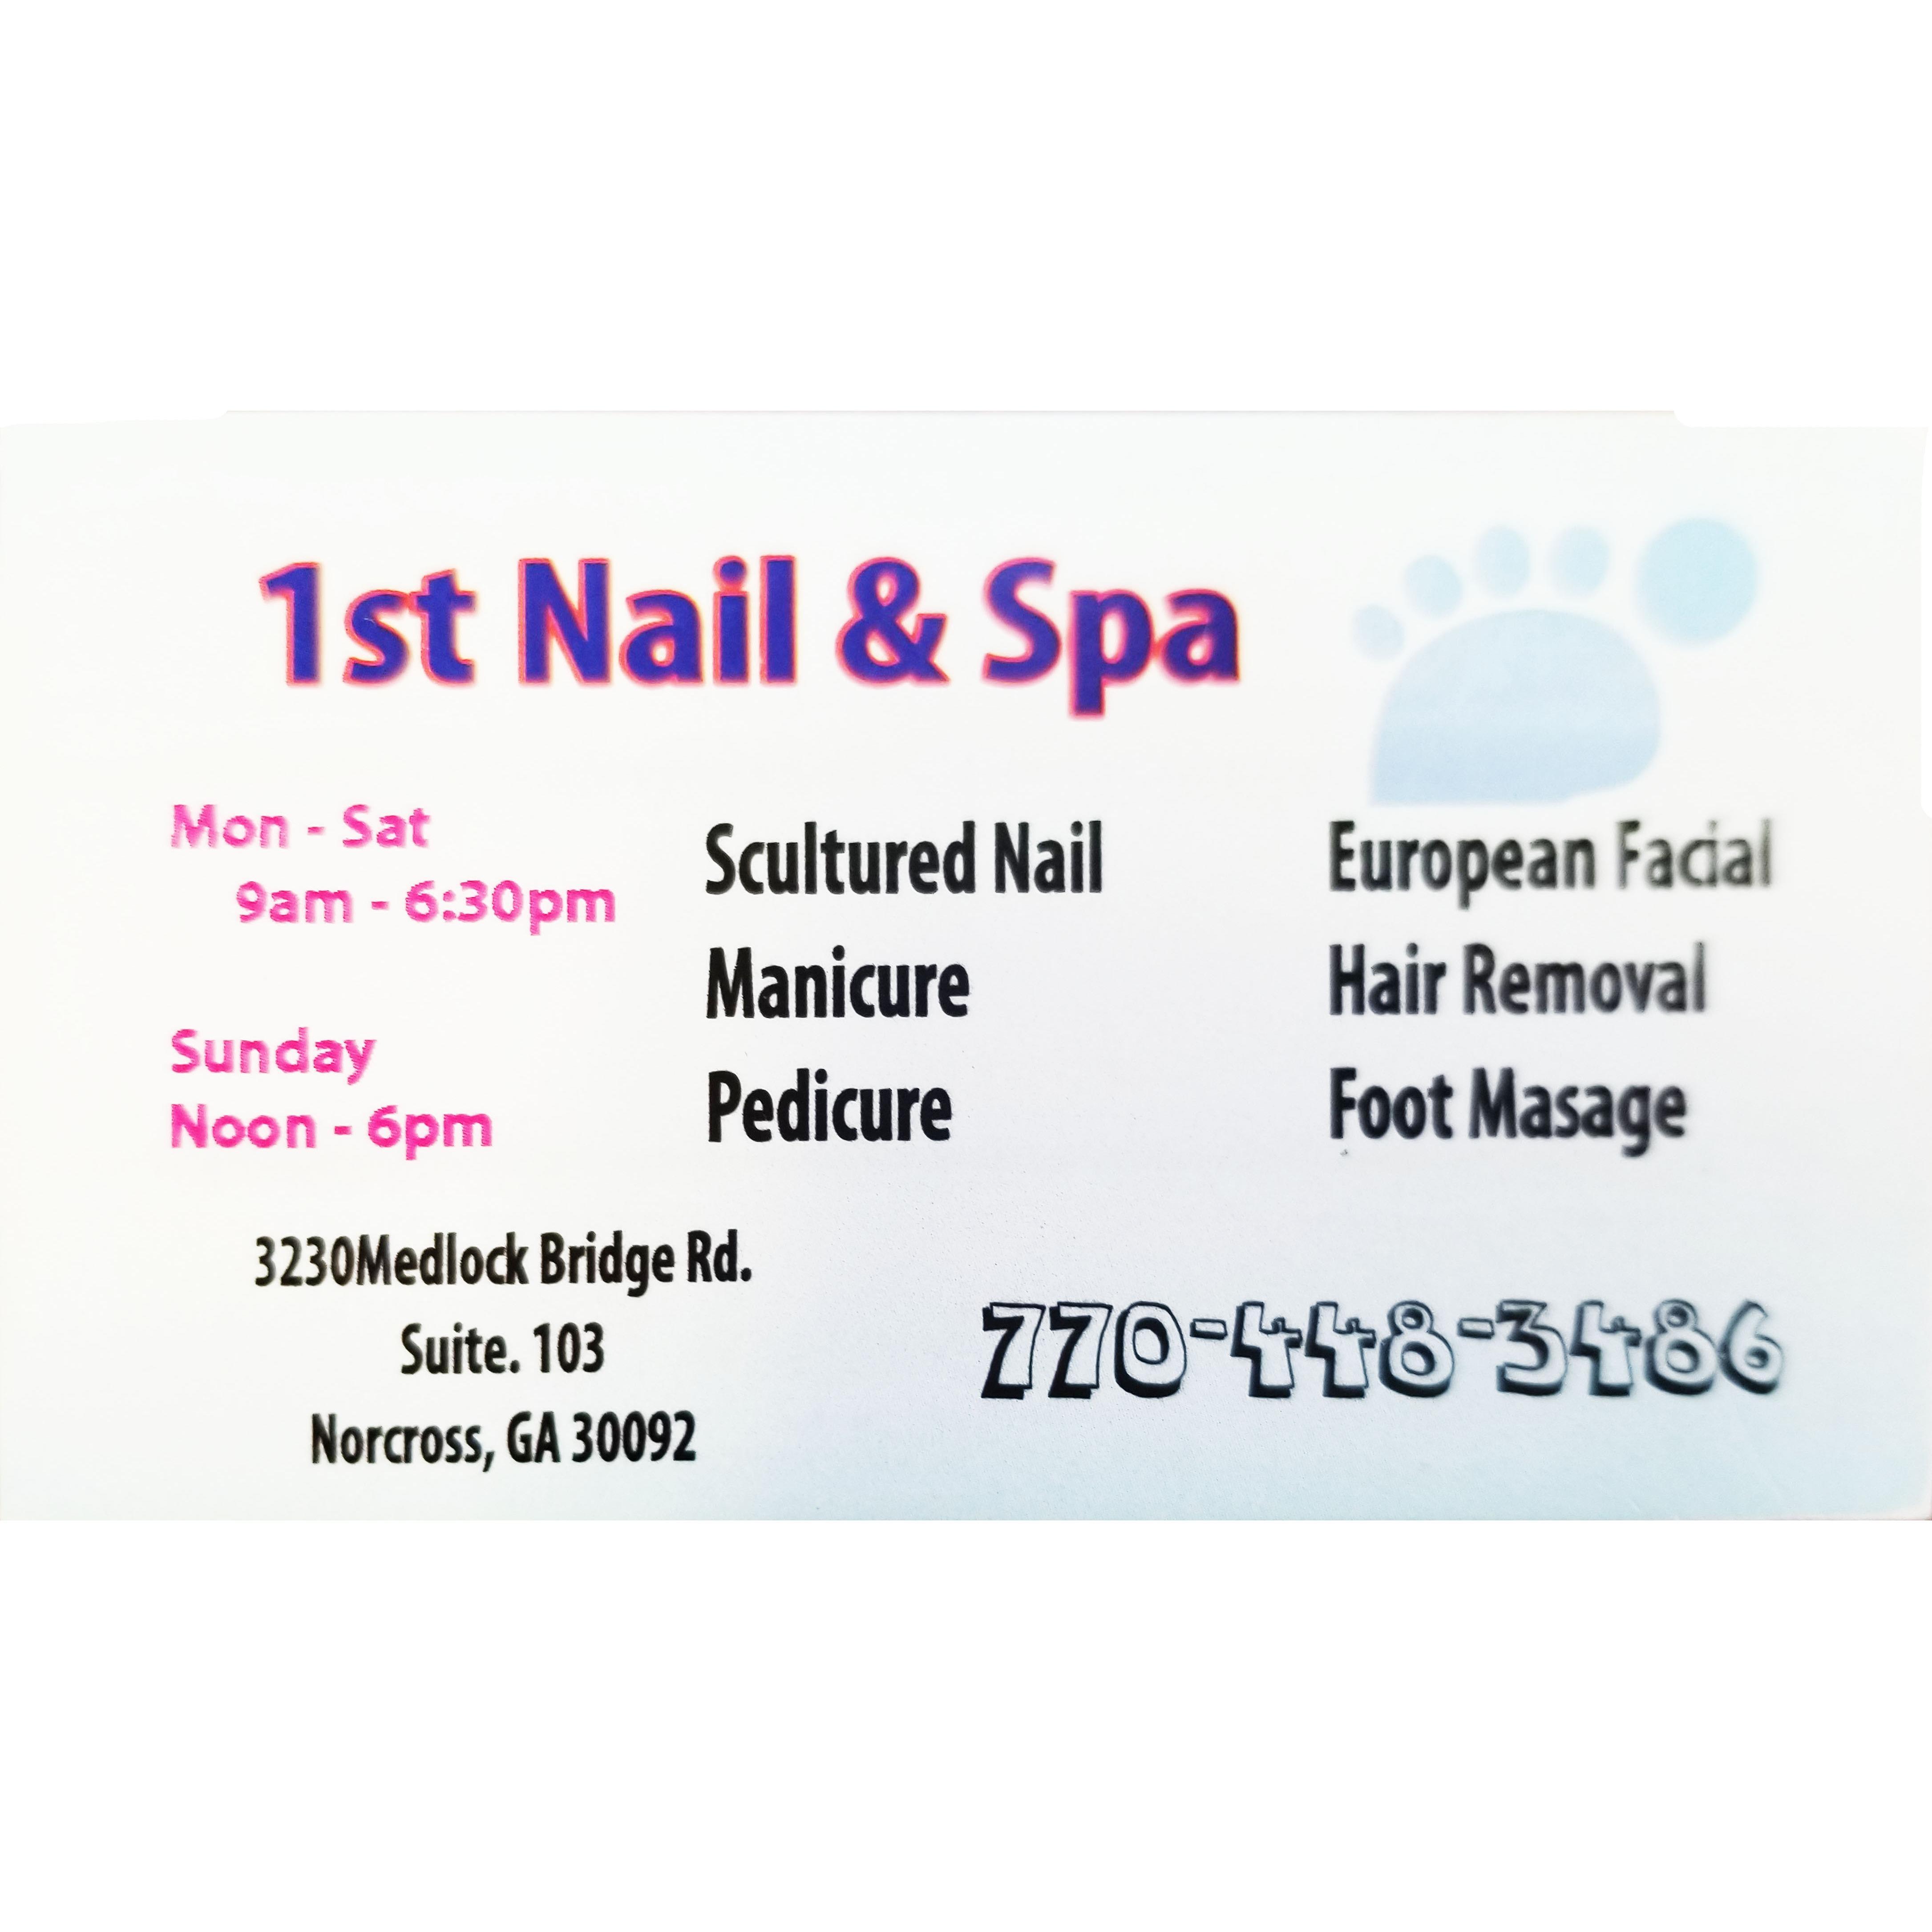 1st Nail & Spa